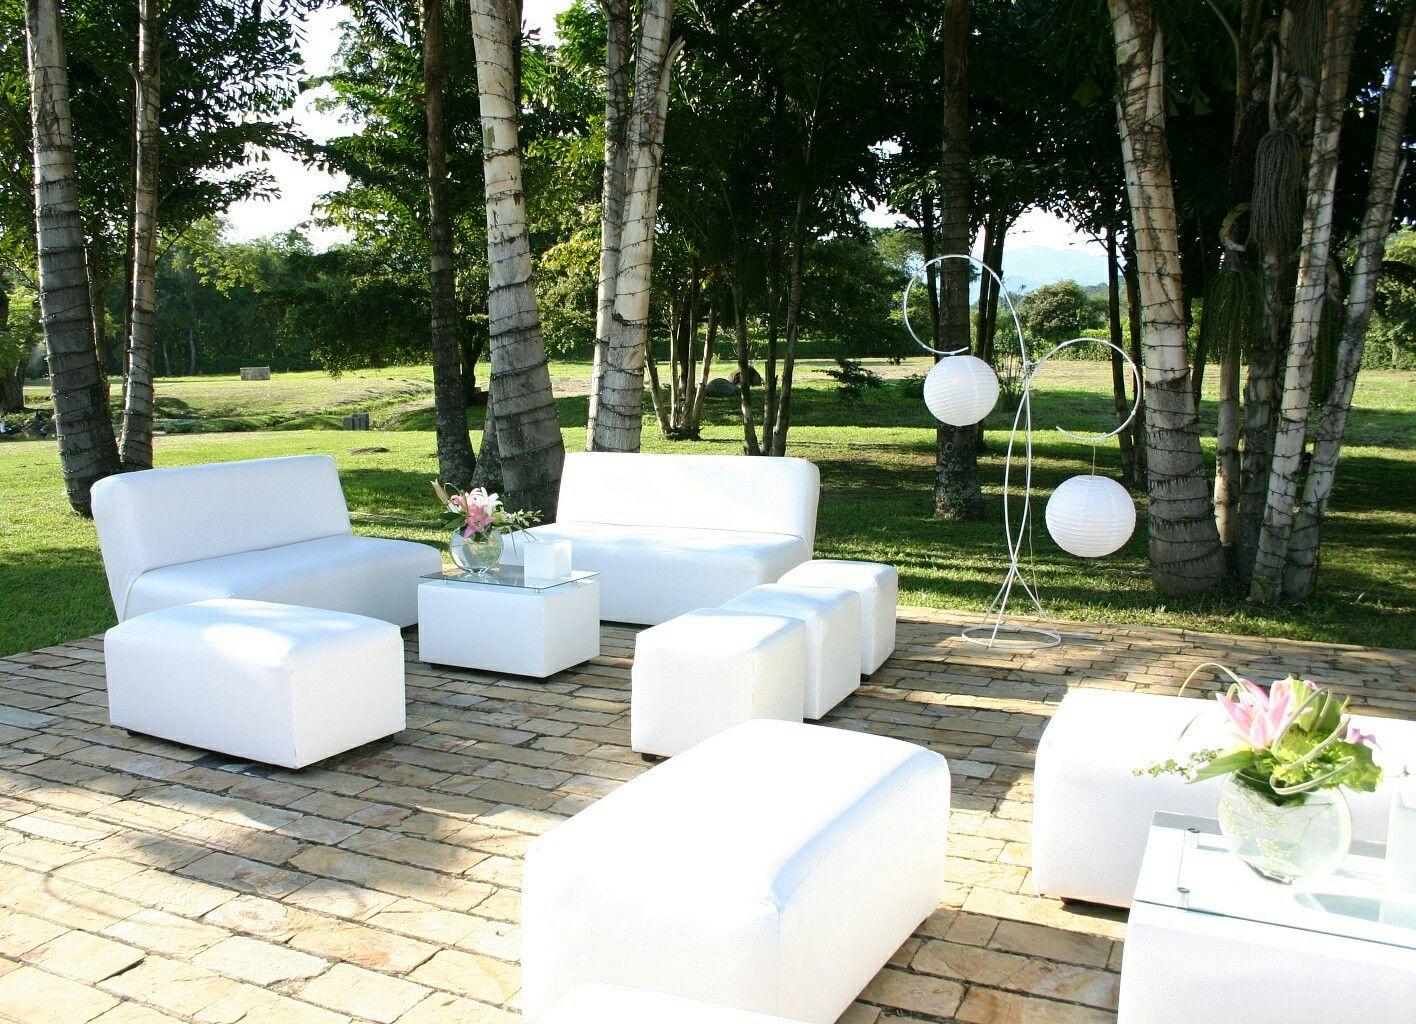 Sala Lounge Blanca 10 Puestos Organizaci N De Eventos Y Alquiler  # Muebles Lounge Para Eventos